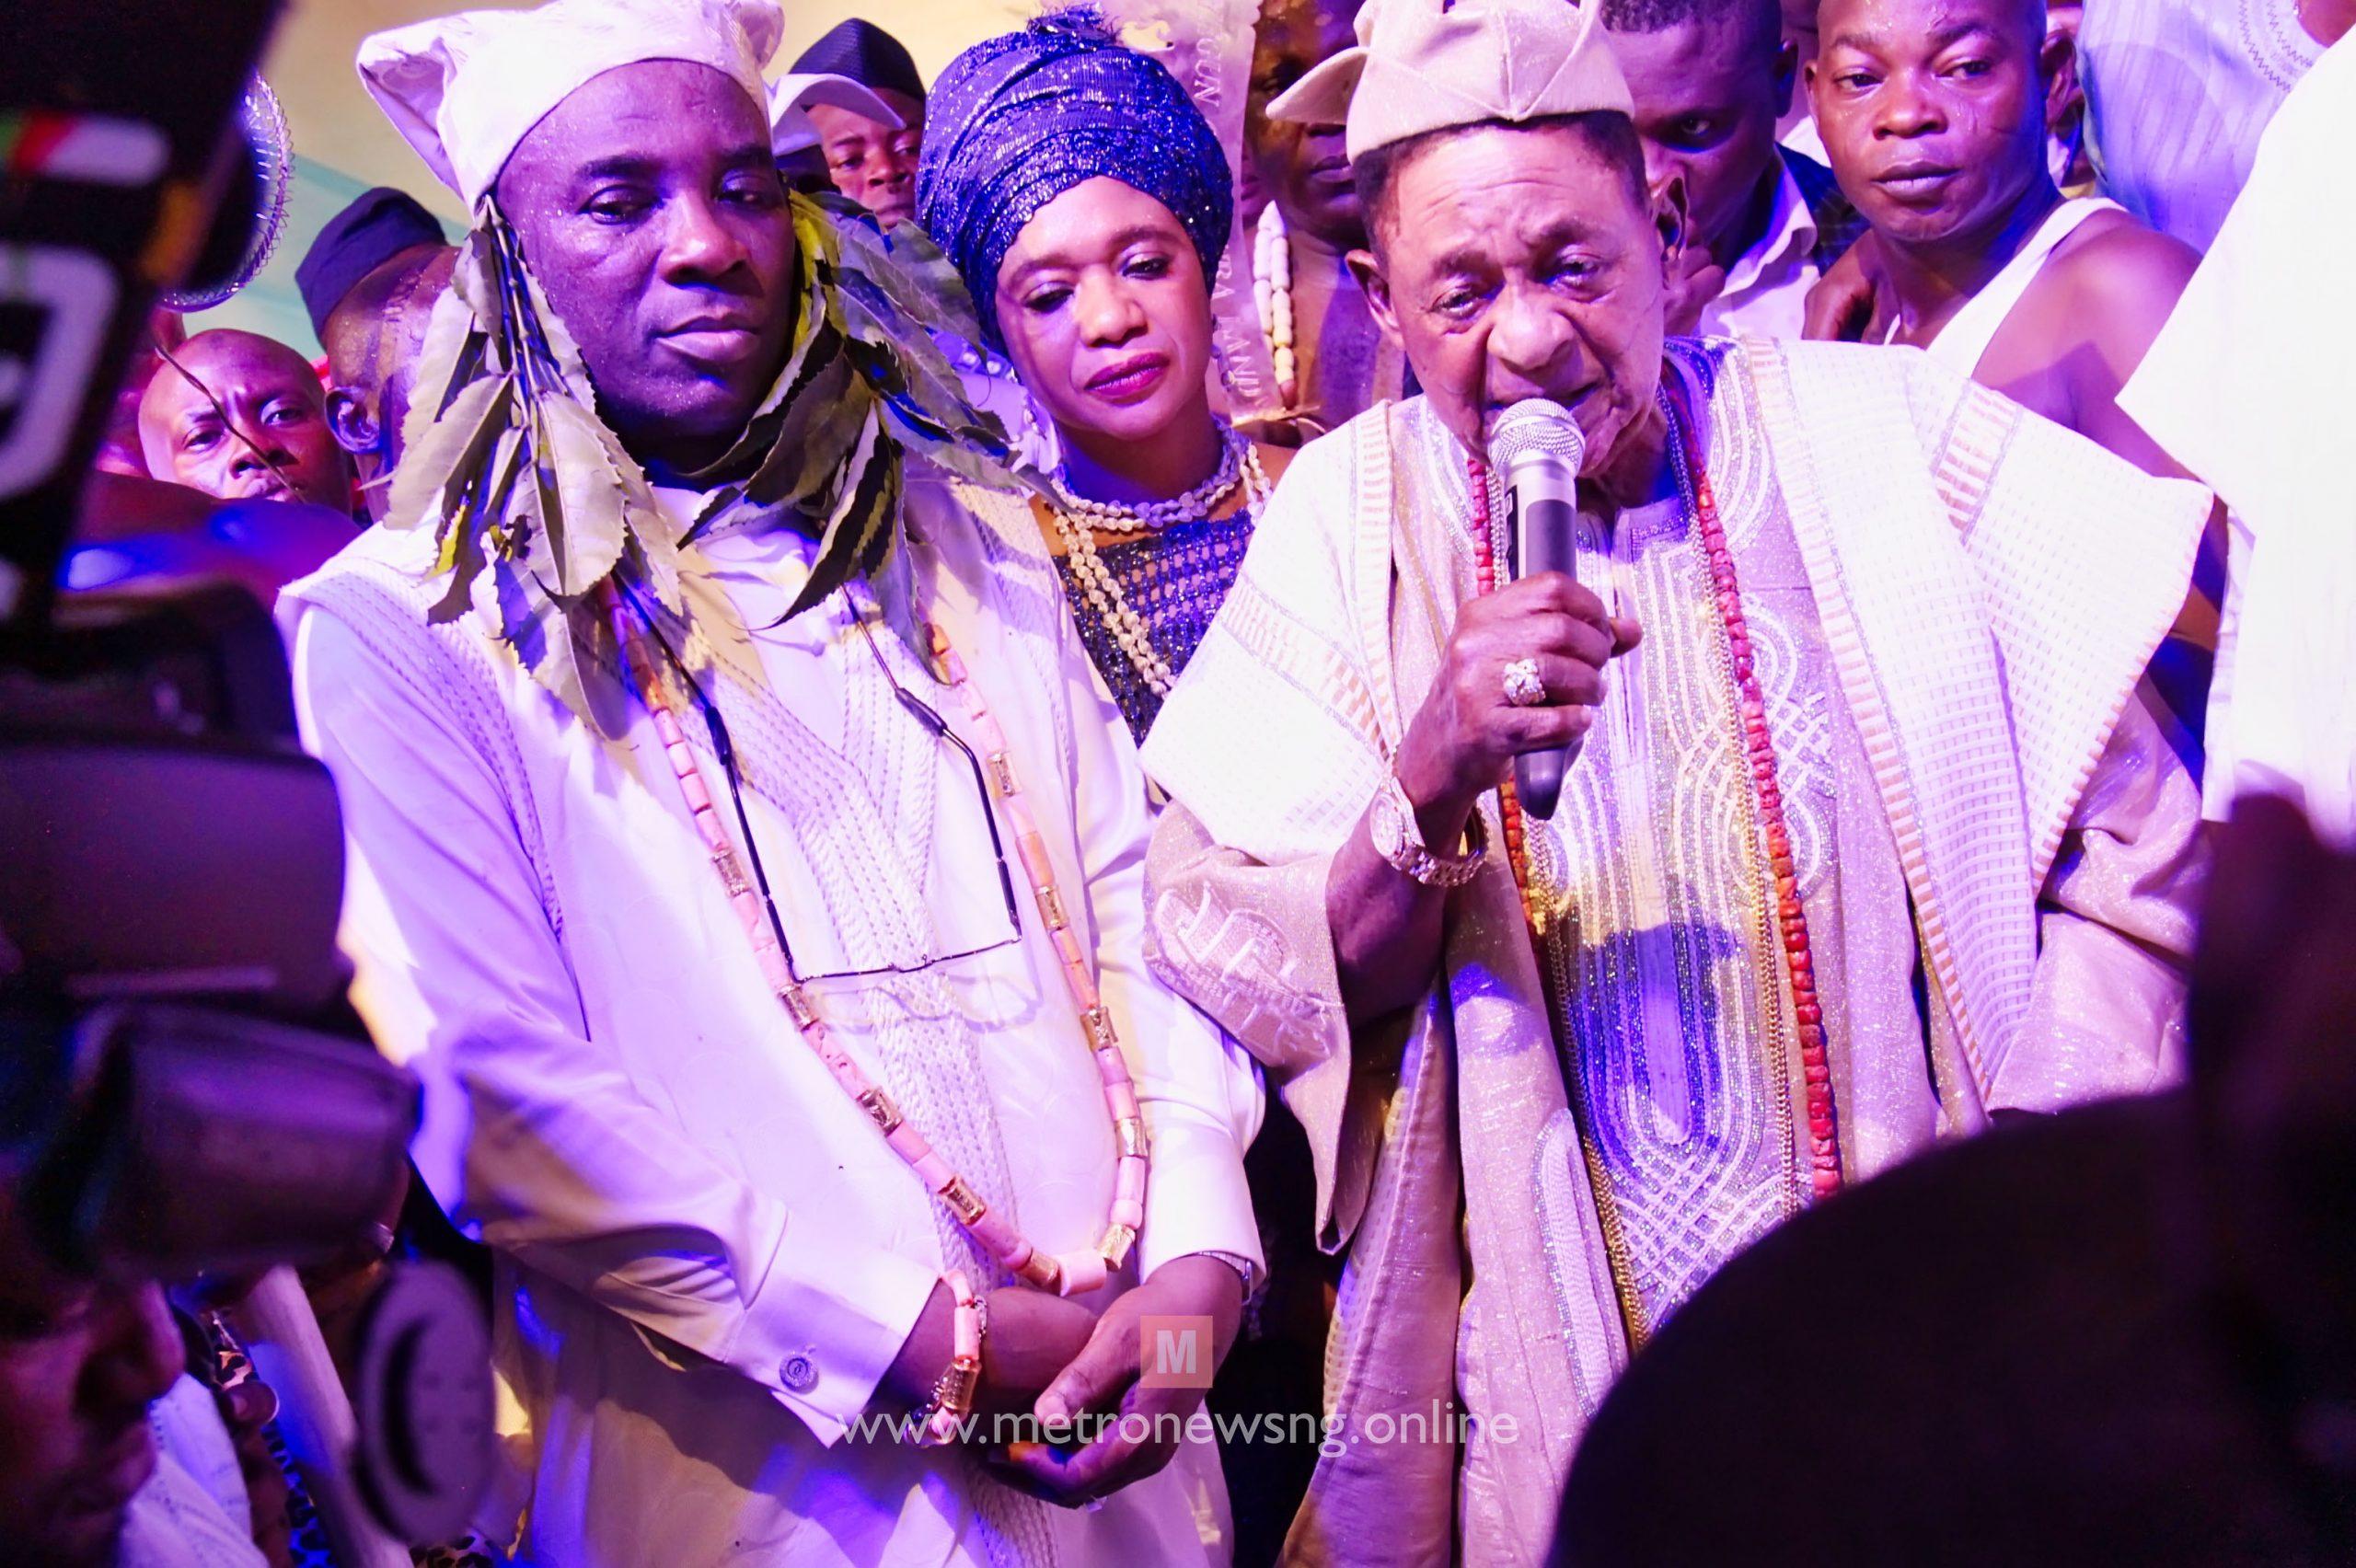 K1 shuts down Oyo as Alaafin installs Maiyegun of Yorubaland (Photos)